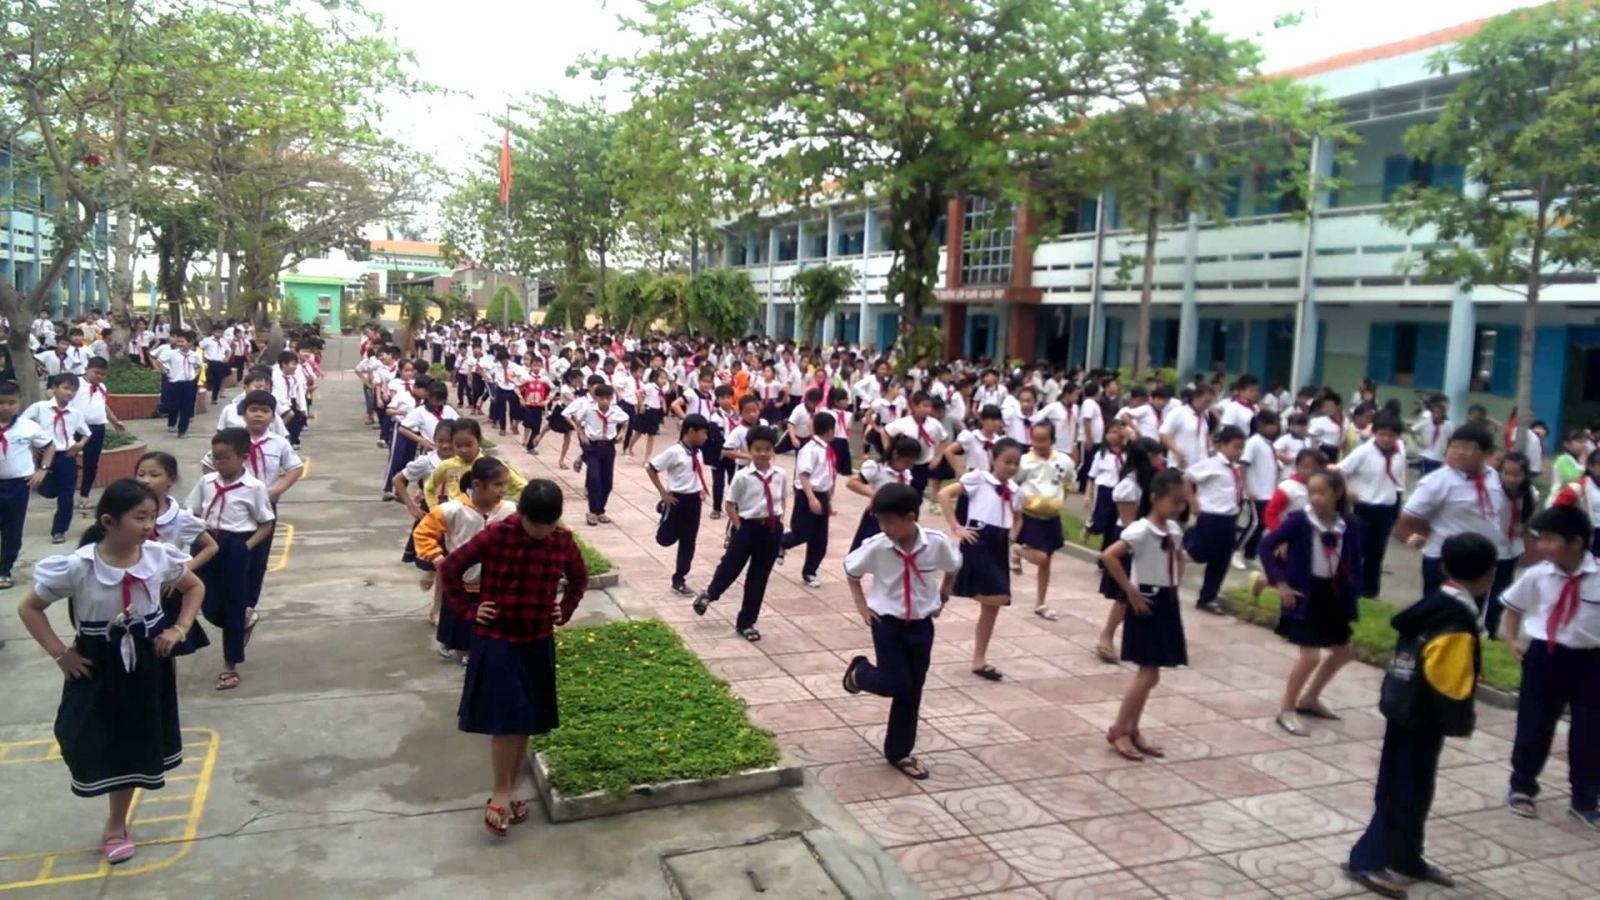 Rèn luyện thể dục, thể thao chưa được chú trọng tại Việt Nam